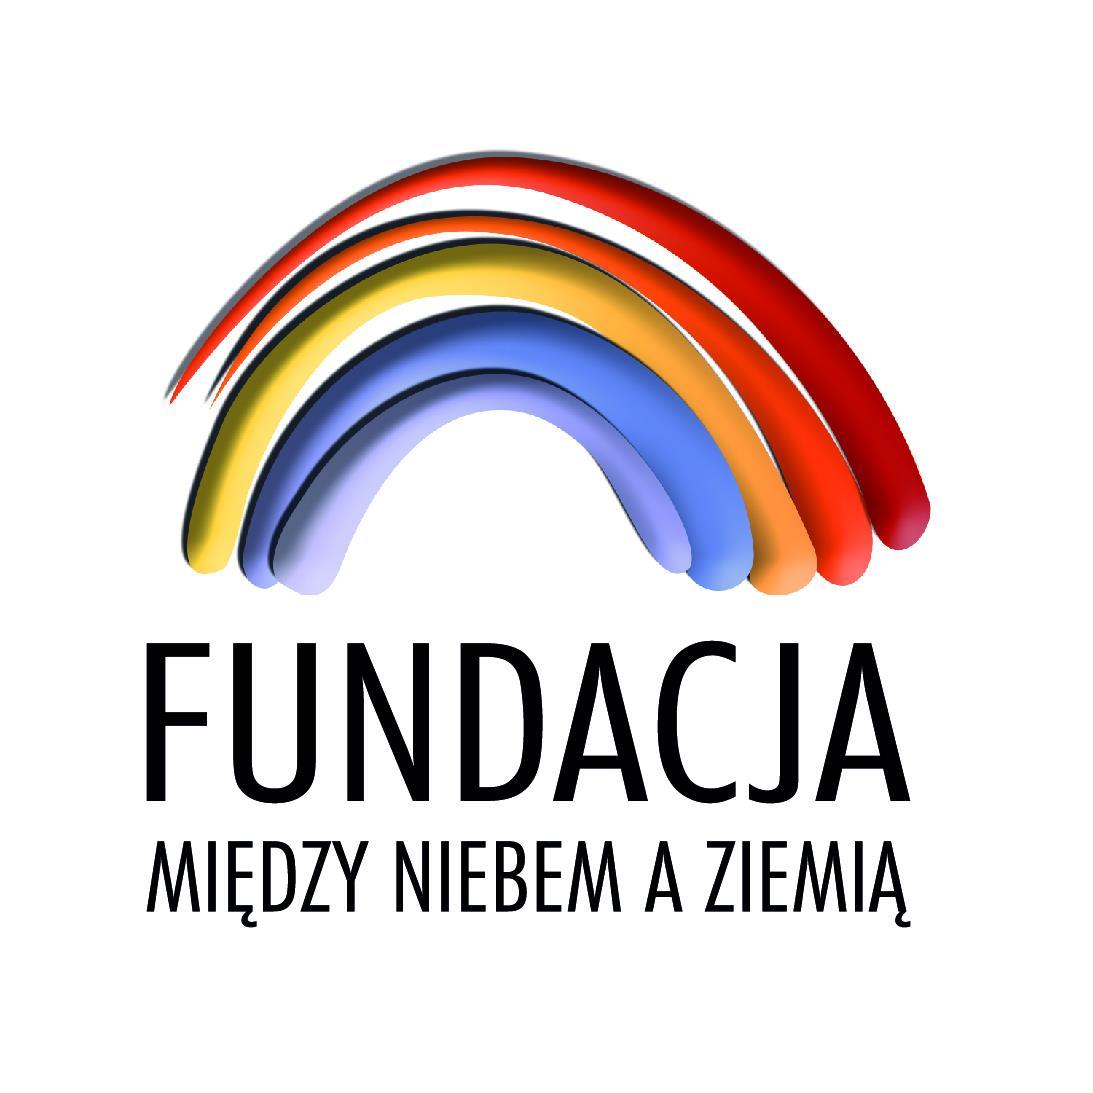 Fundacja Między Niebem a Ziemią - aktualność PODZIĘKOWANIA DLA FUNDACJI